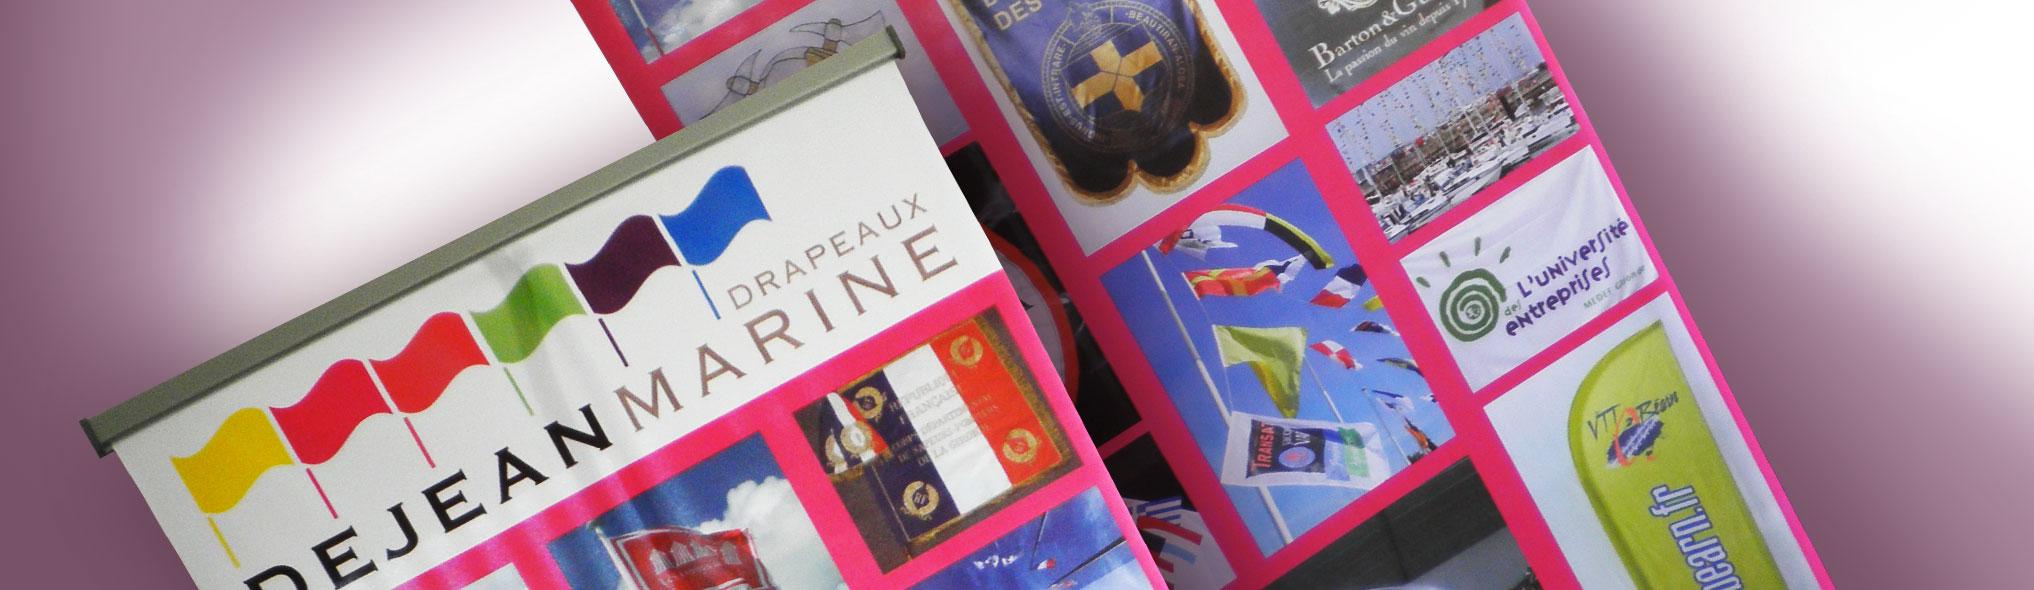 Drapeaux Dejean Marine fabrique des kakémonos et des roll-up pour afficher votre communication.